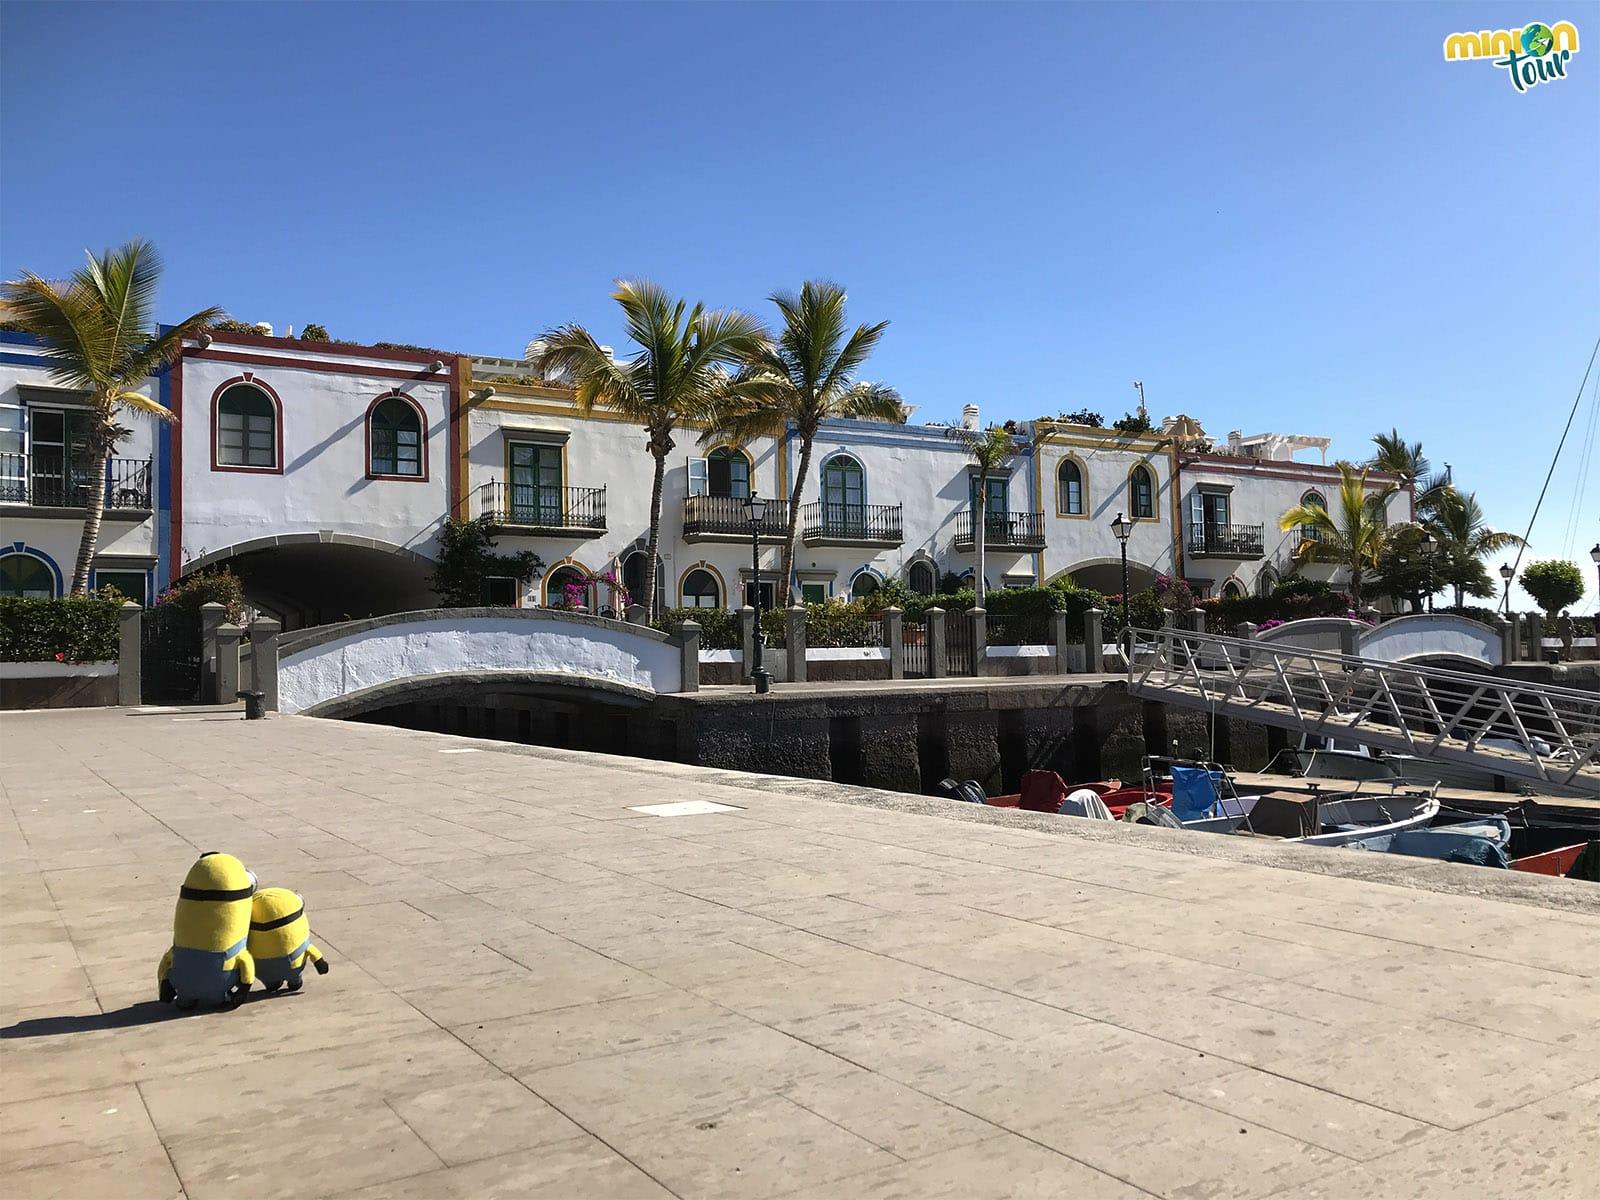 Las casitas de colores de Puerto de Mogán